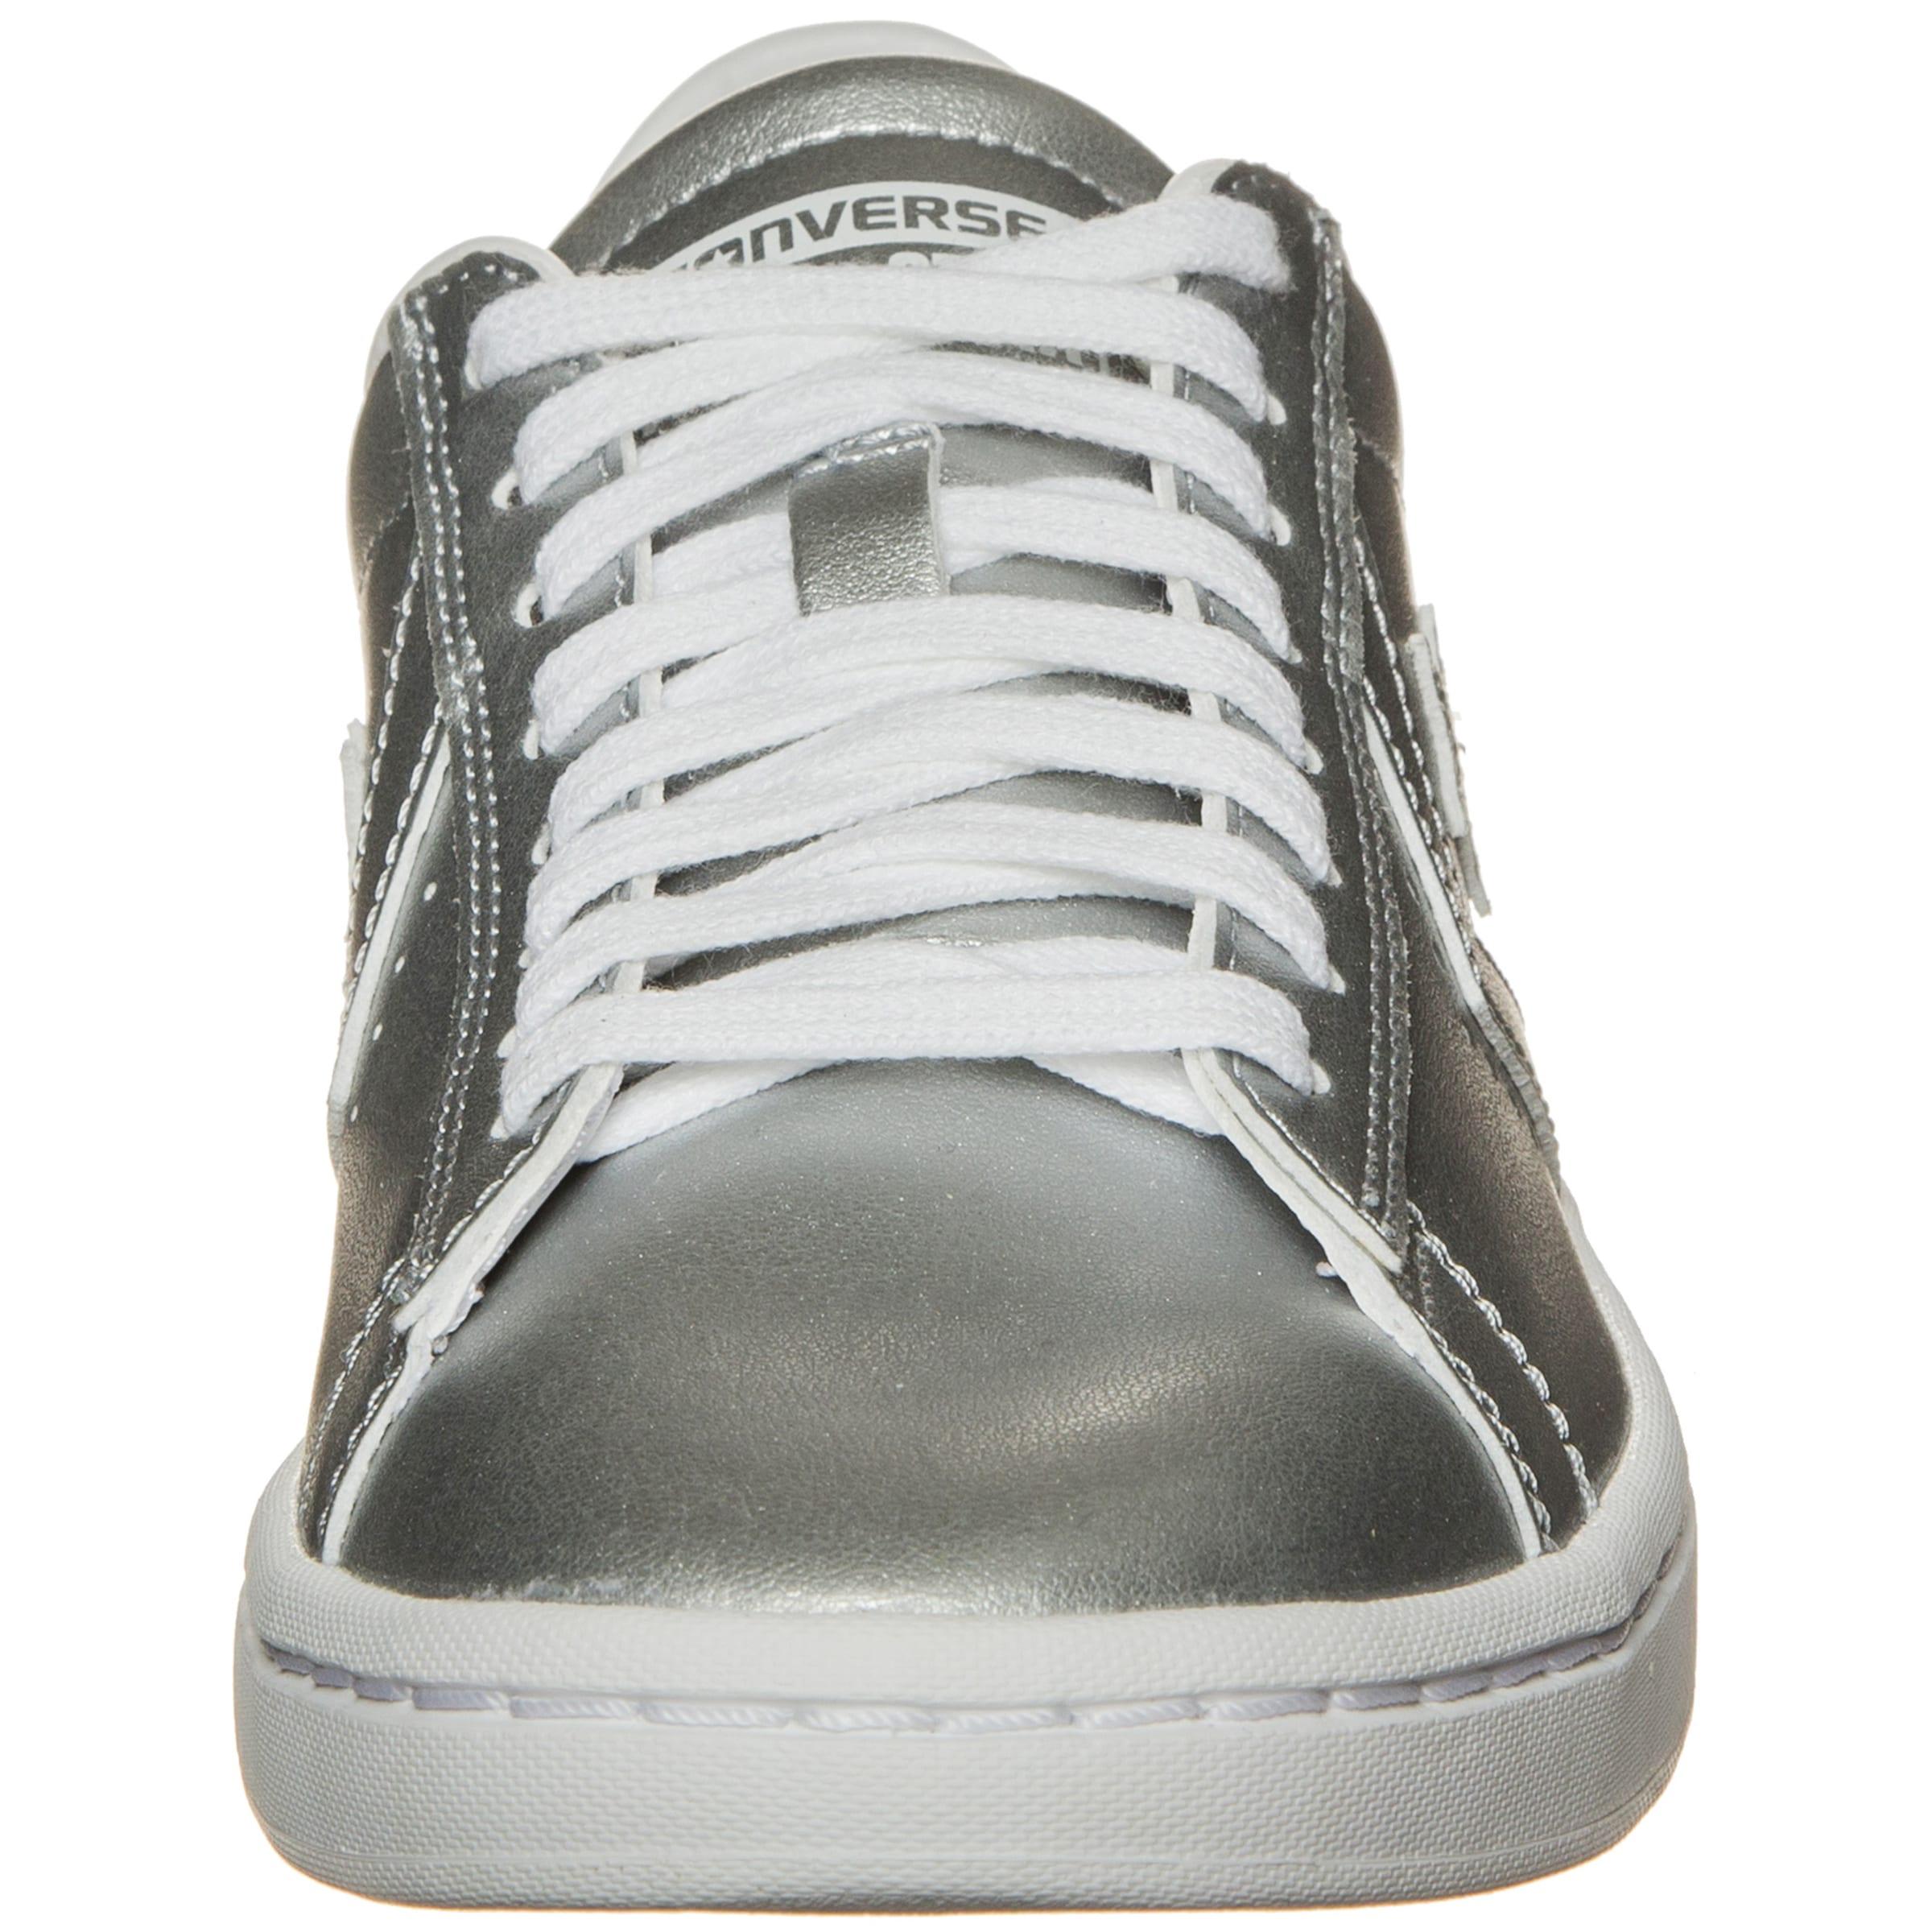 CONVERSE 'Pro Leather LP Metallic OX' Sneaker Spielraum Veröffentlichungstermine 42Bvw6PEyq